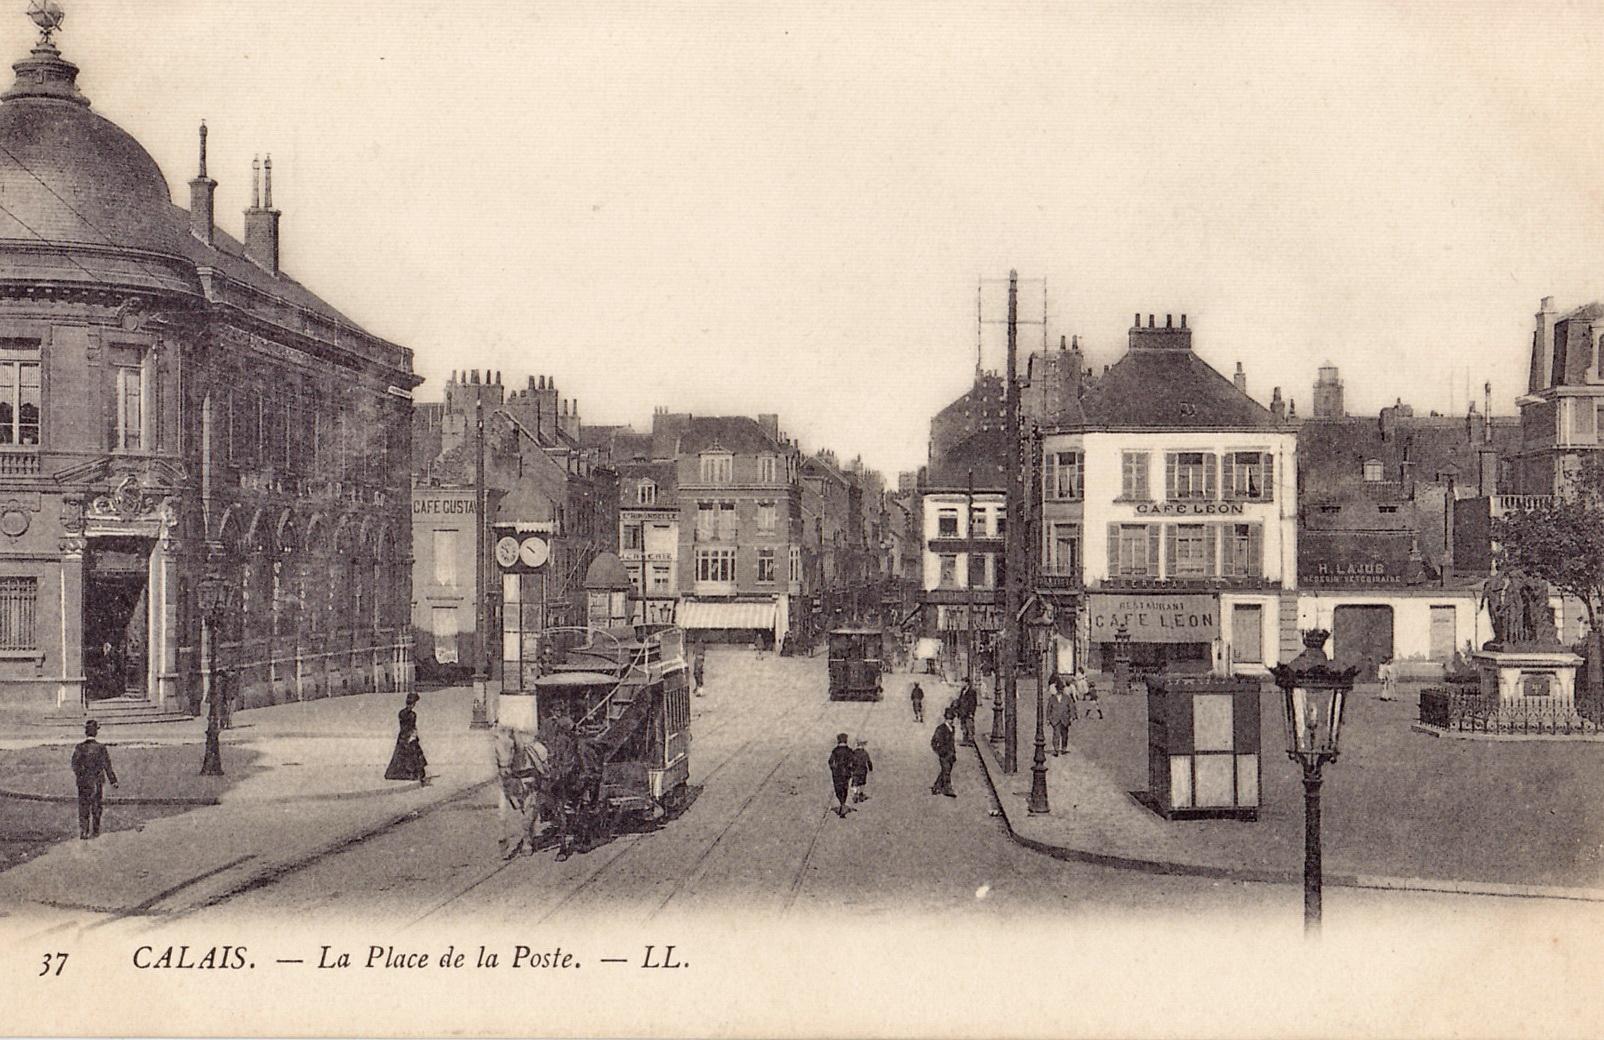 LL 37 - CALAIS - La Place de la Poste.jpg